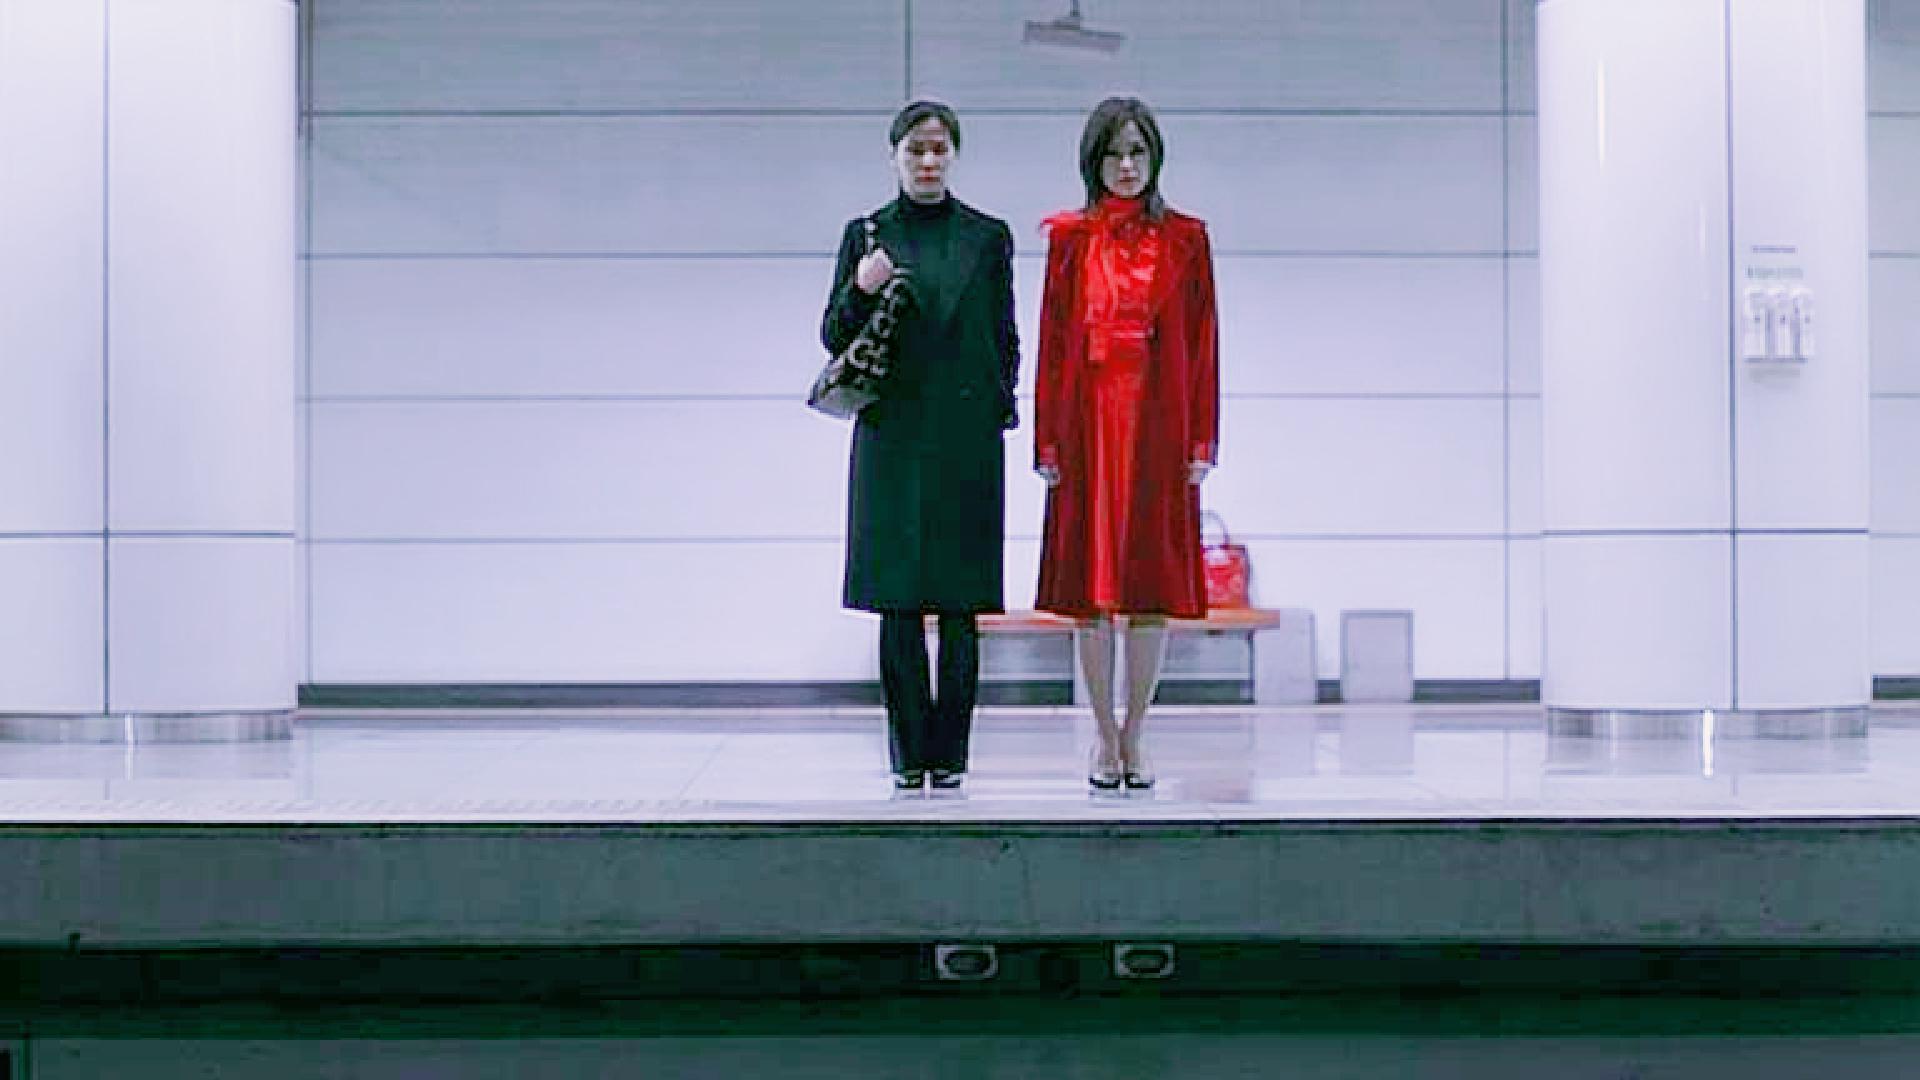 地铁站遇到一个红衣女子,恐怖的事情随即开始了!电影《诡公寓》